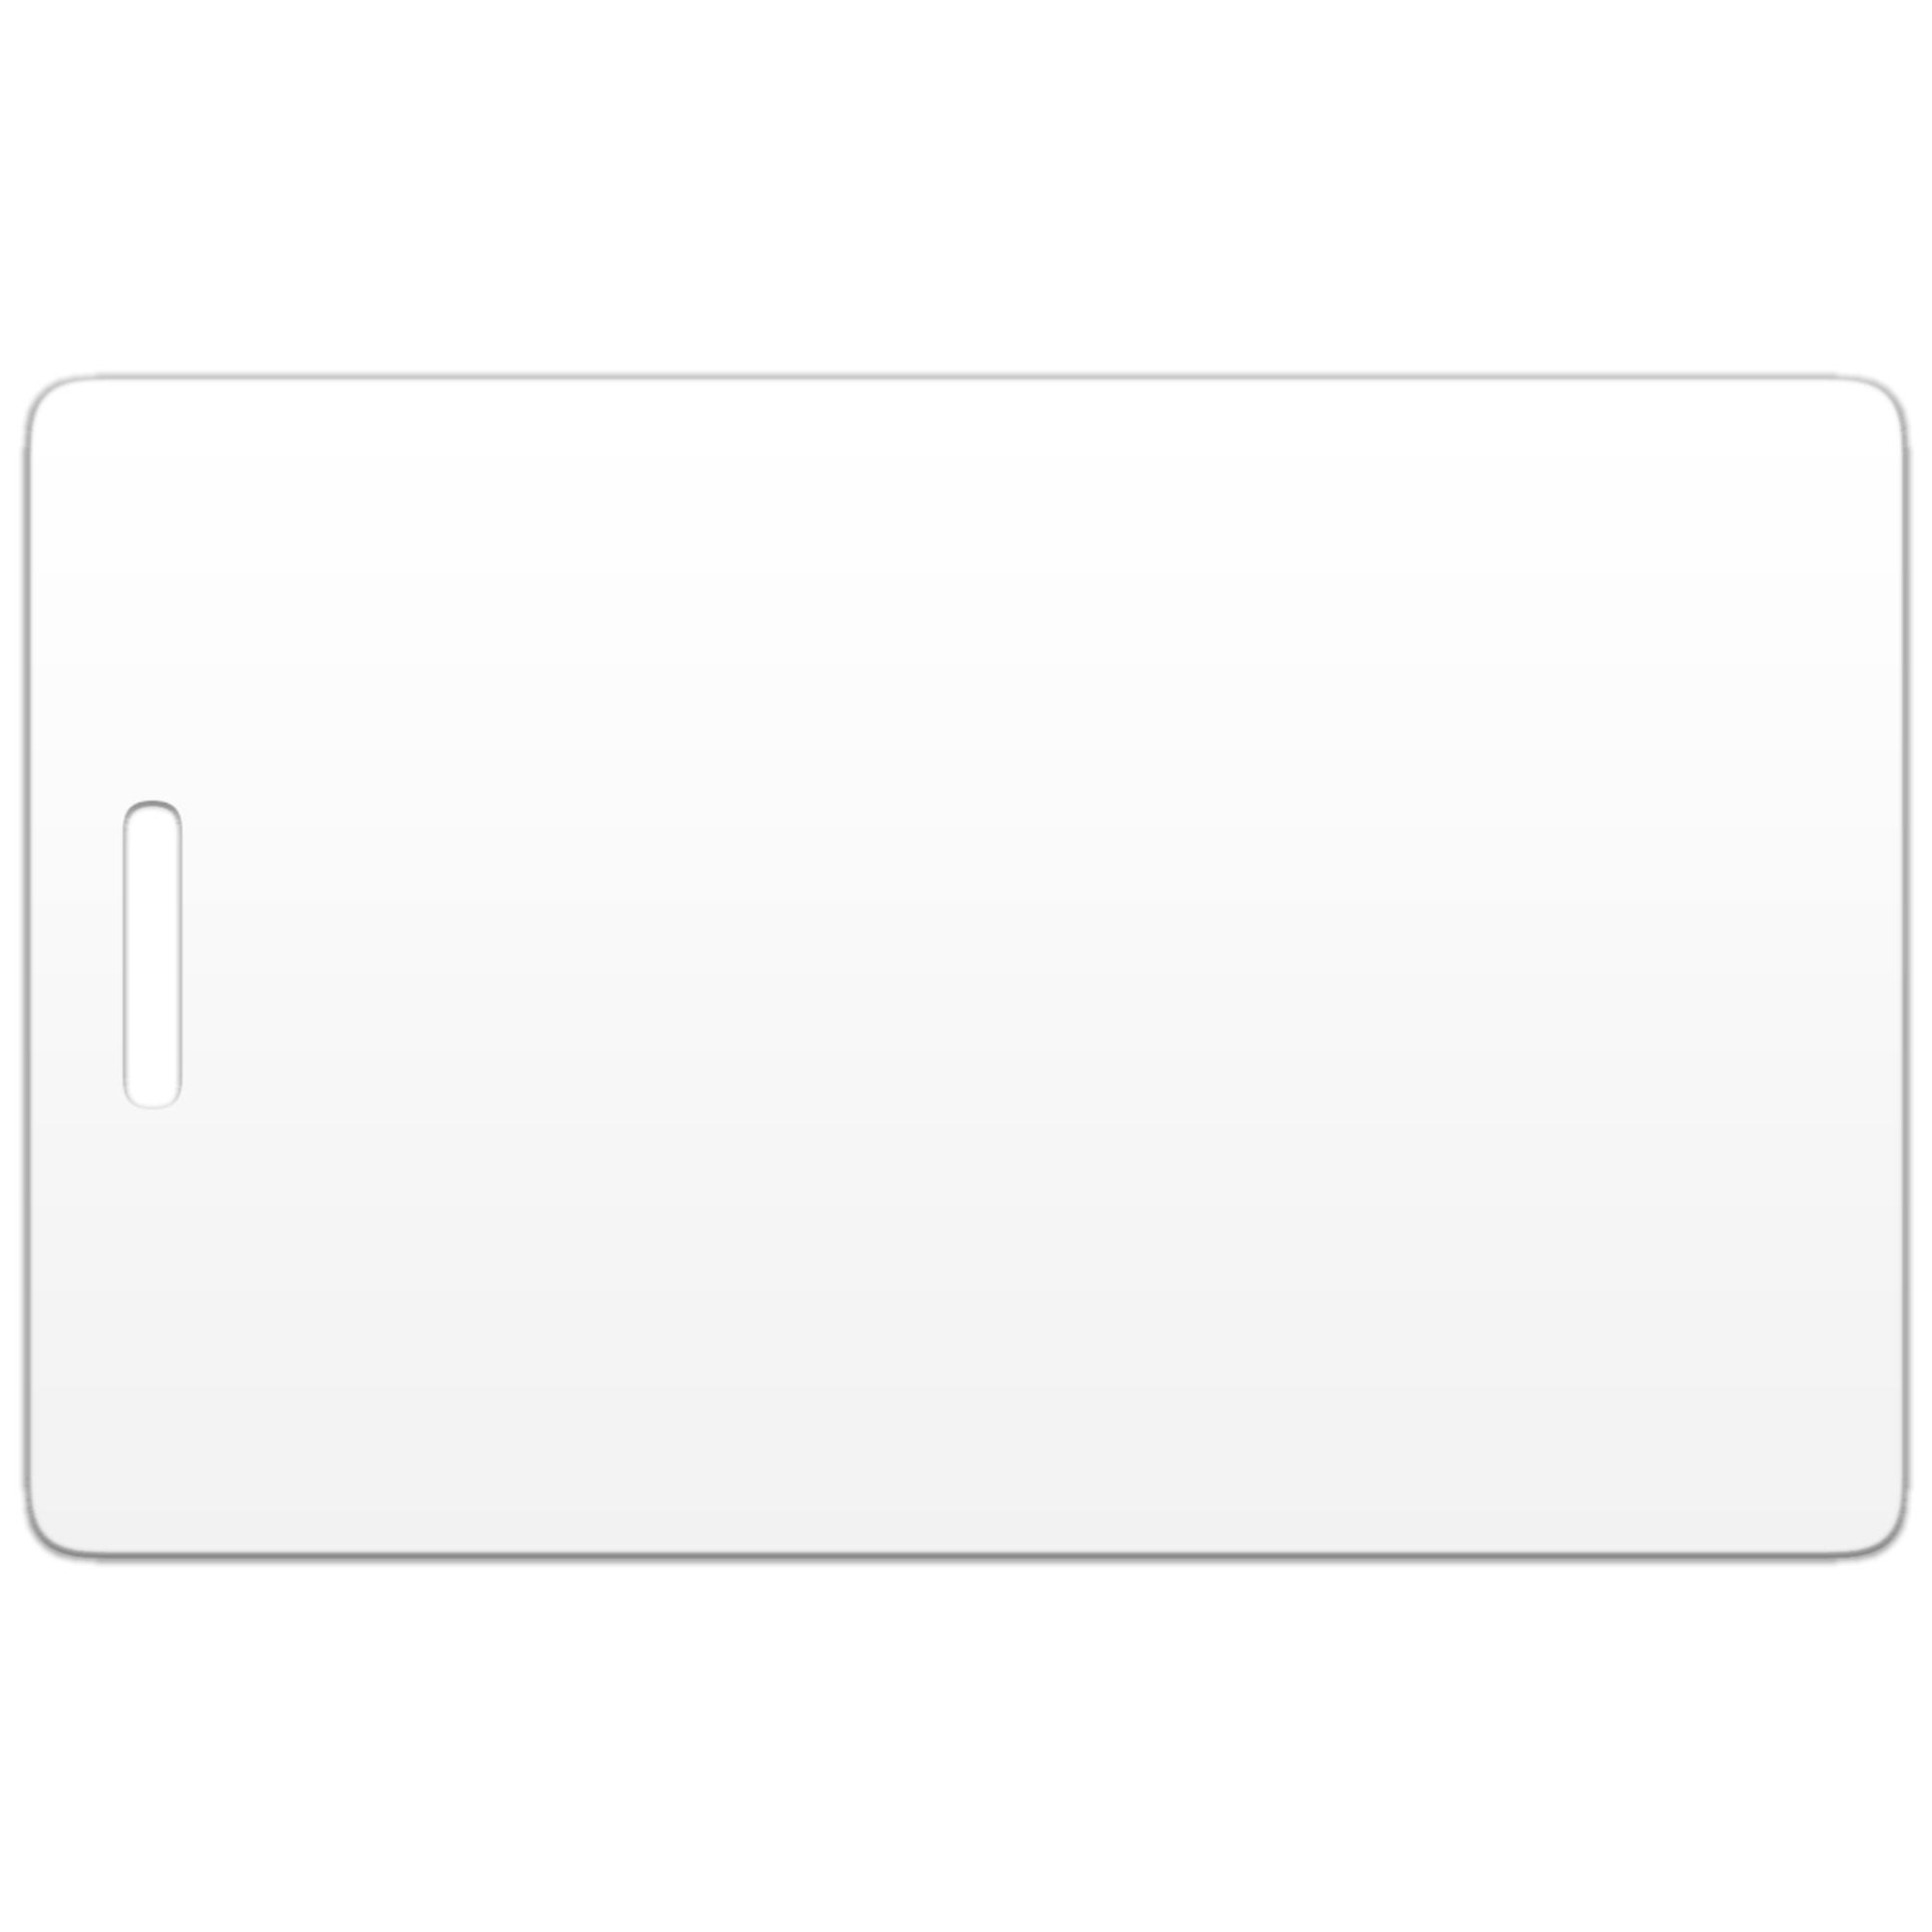 Бесконтактная пластиковая RFID-карта с чипом Em-Marine и с прорезью